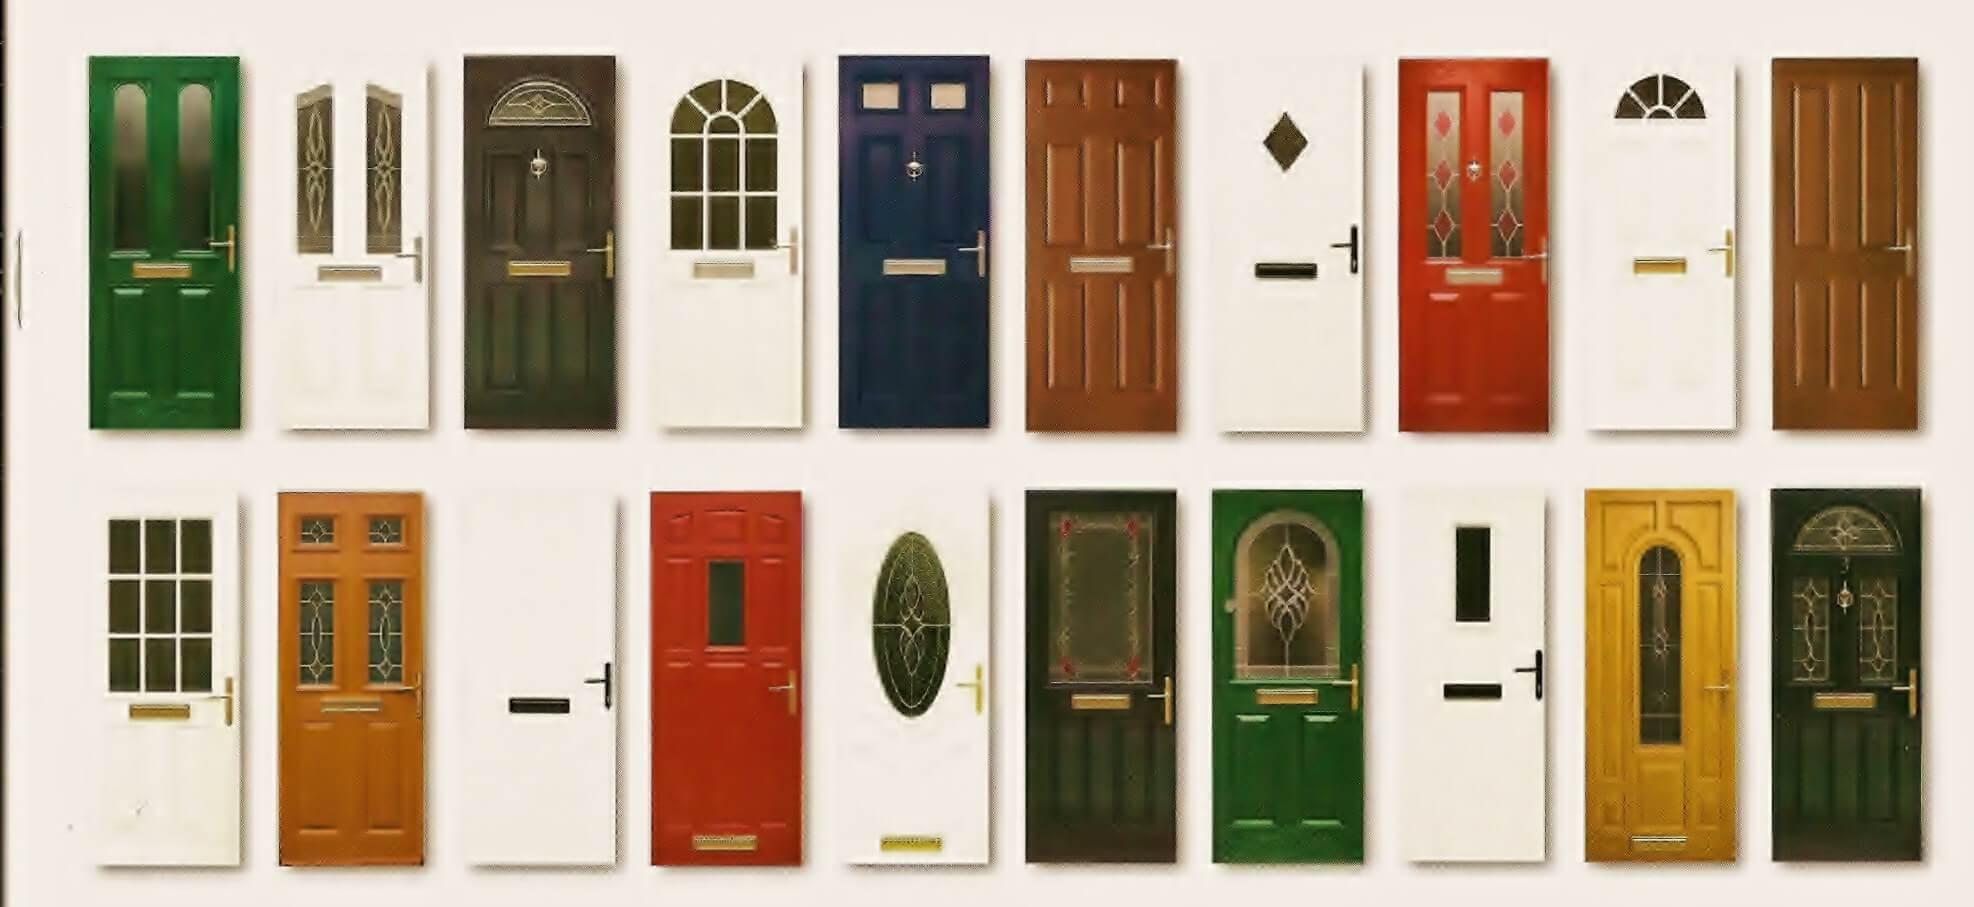 on kapı kişilik testi